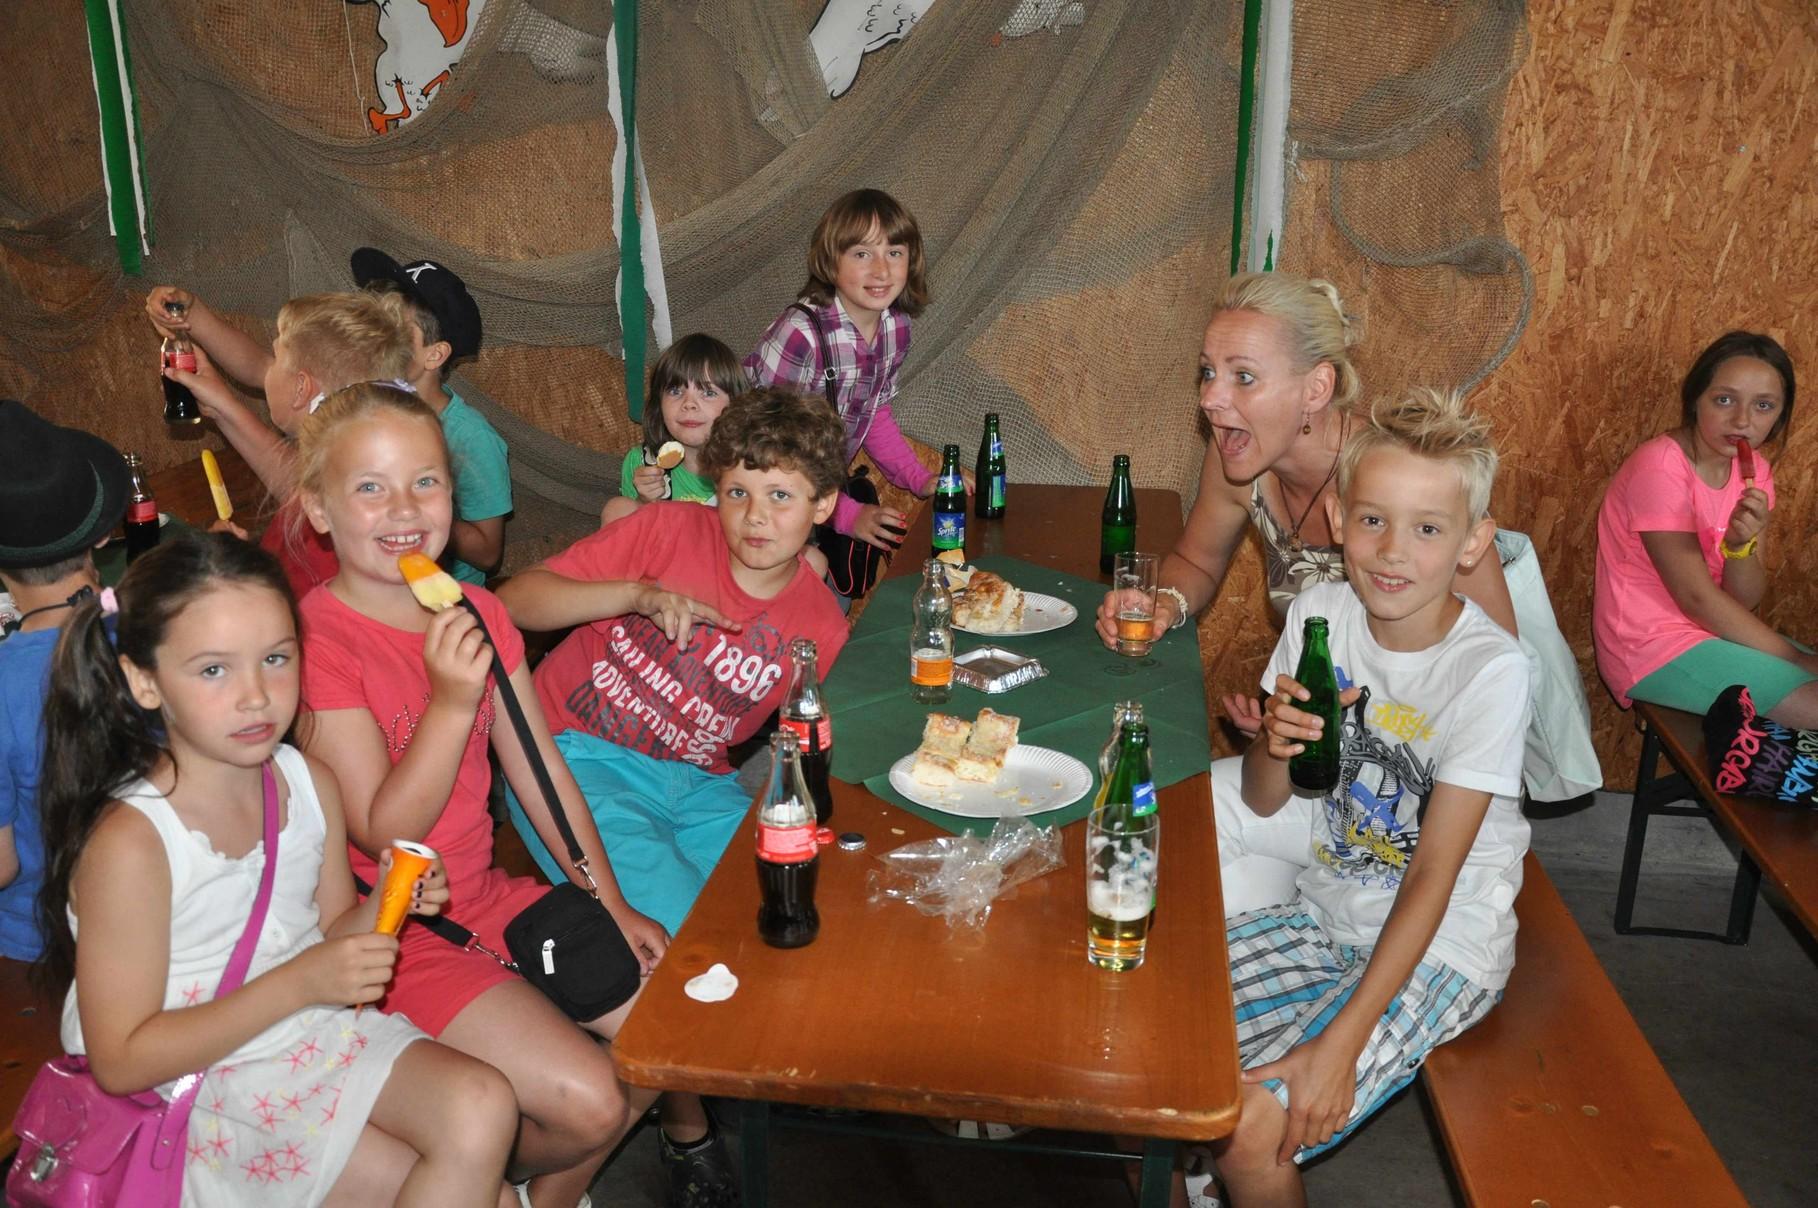 Für die Kinder gibt es Brause, Butterkuchen und Eis